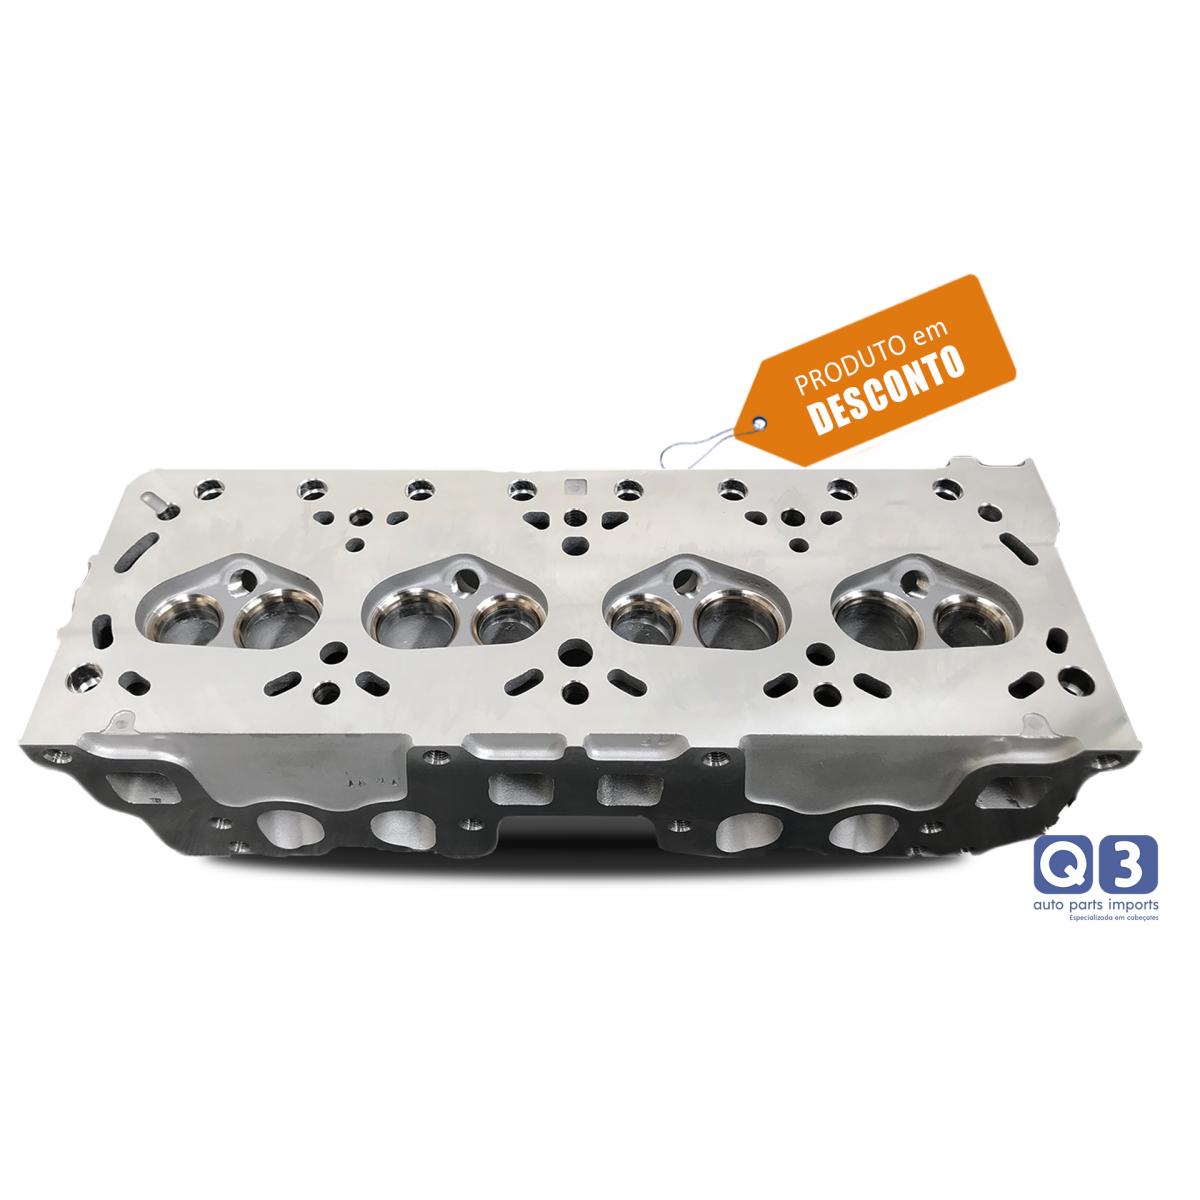 Cabeçote Nissan Empilhadeira Forklift K25 / Ka24 / K21 Novo (11040-FY501)